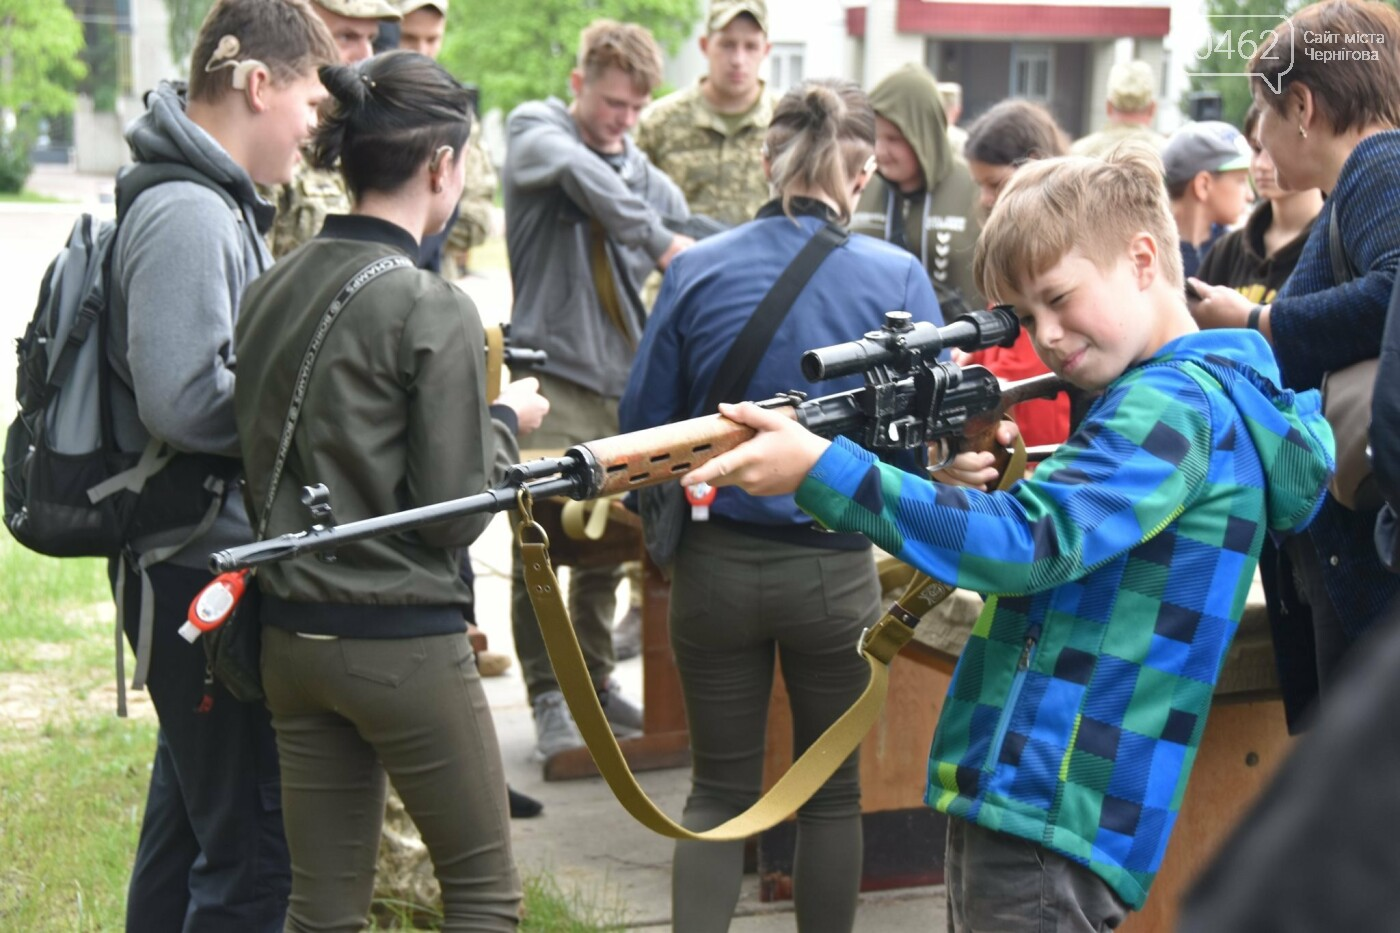 Як стати танкістом. Чернігівським дітям військові показали свою роботу і побут, фото-6